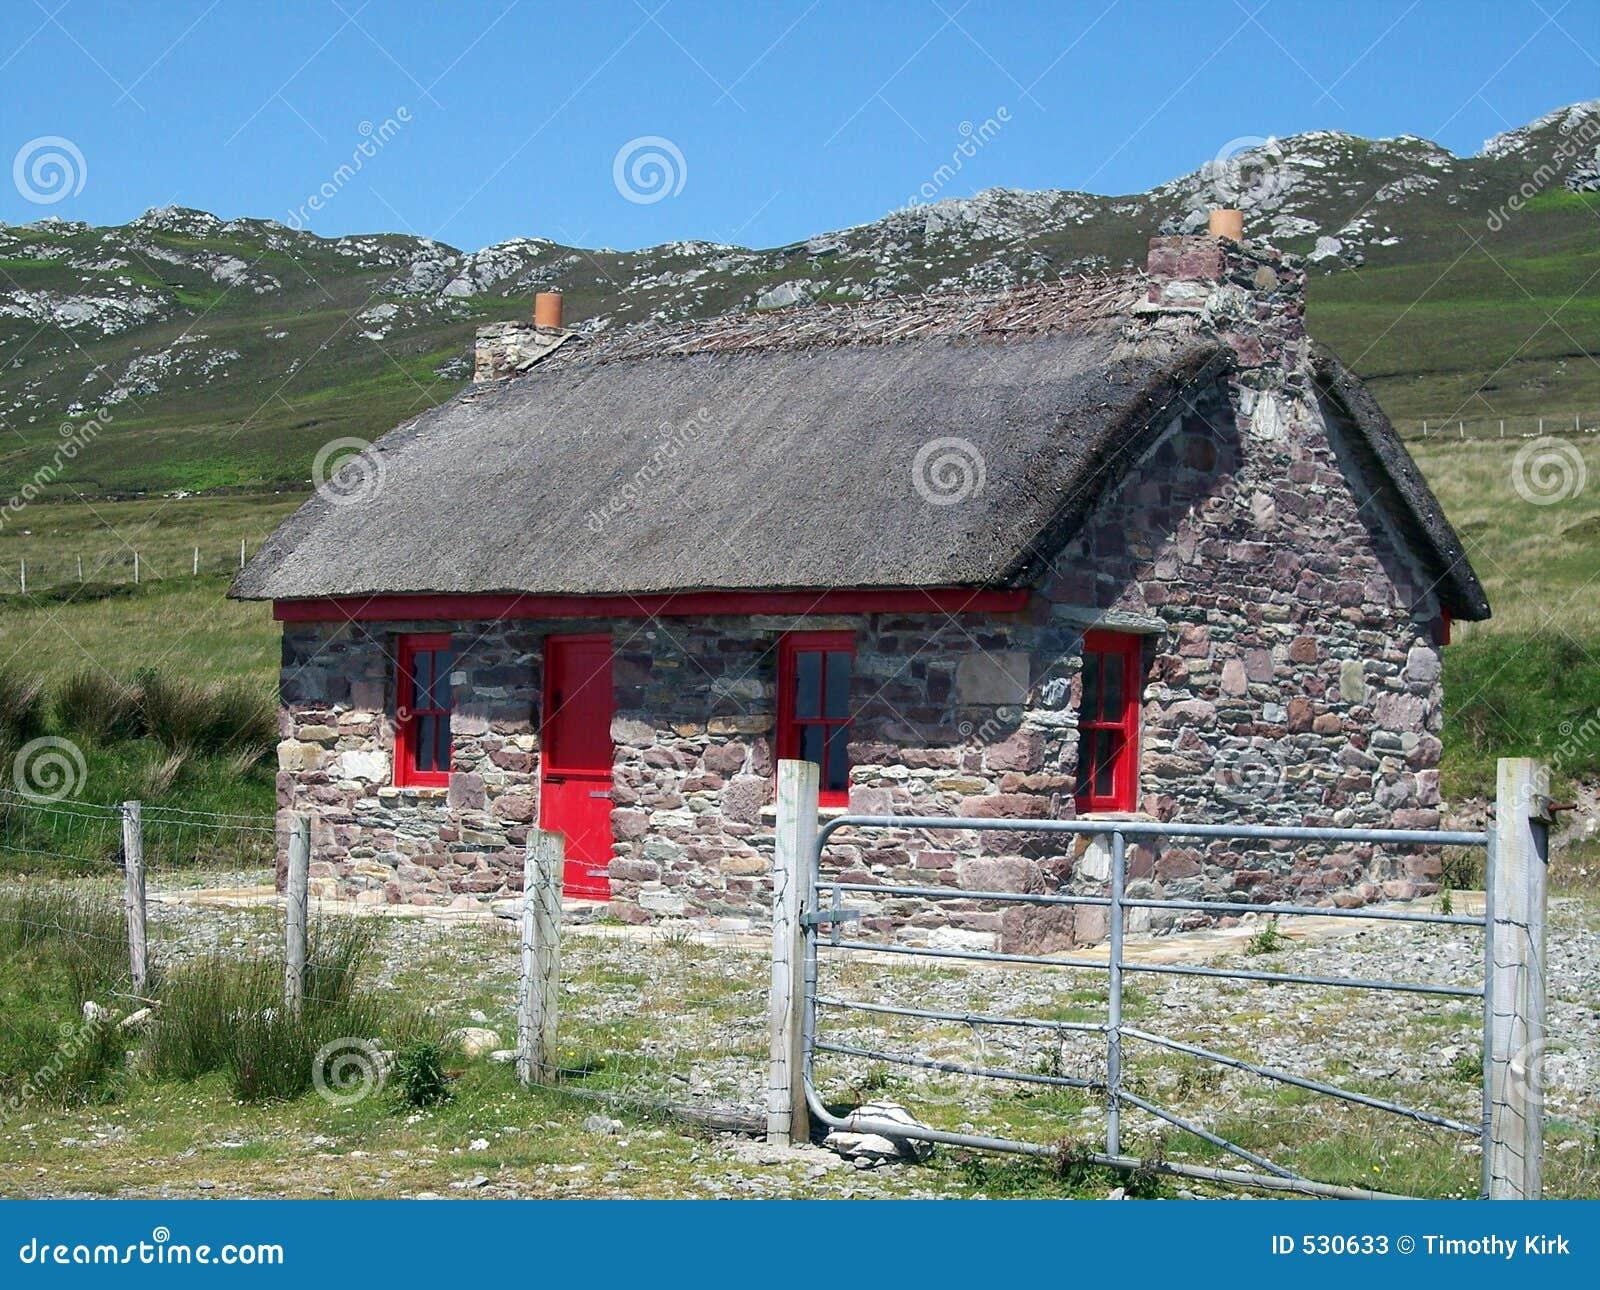 Download 村庄爱尔兰石头 库存图片. 图片 包括有 绿色, 小山, 关闭, 盖的, 茅草屋顶, 村庄, 海岛, 泥煤, 古雅 - 530633